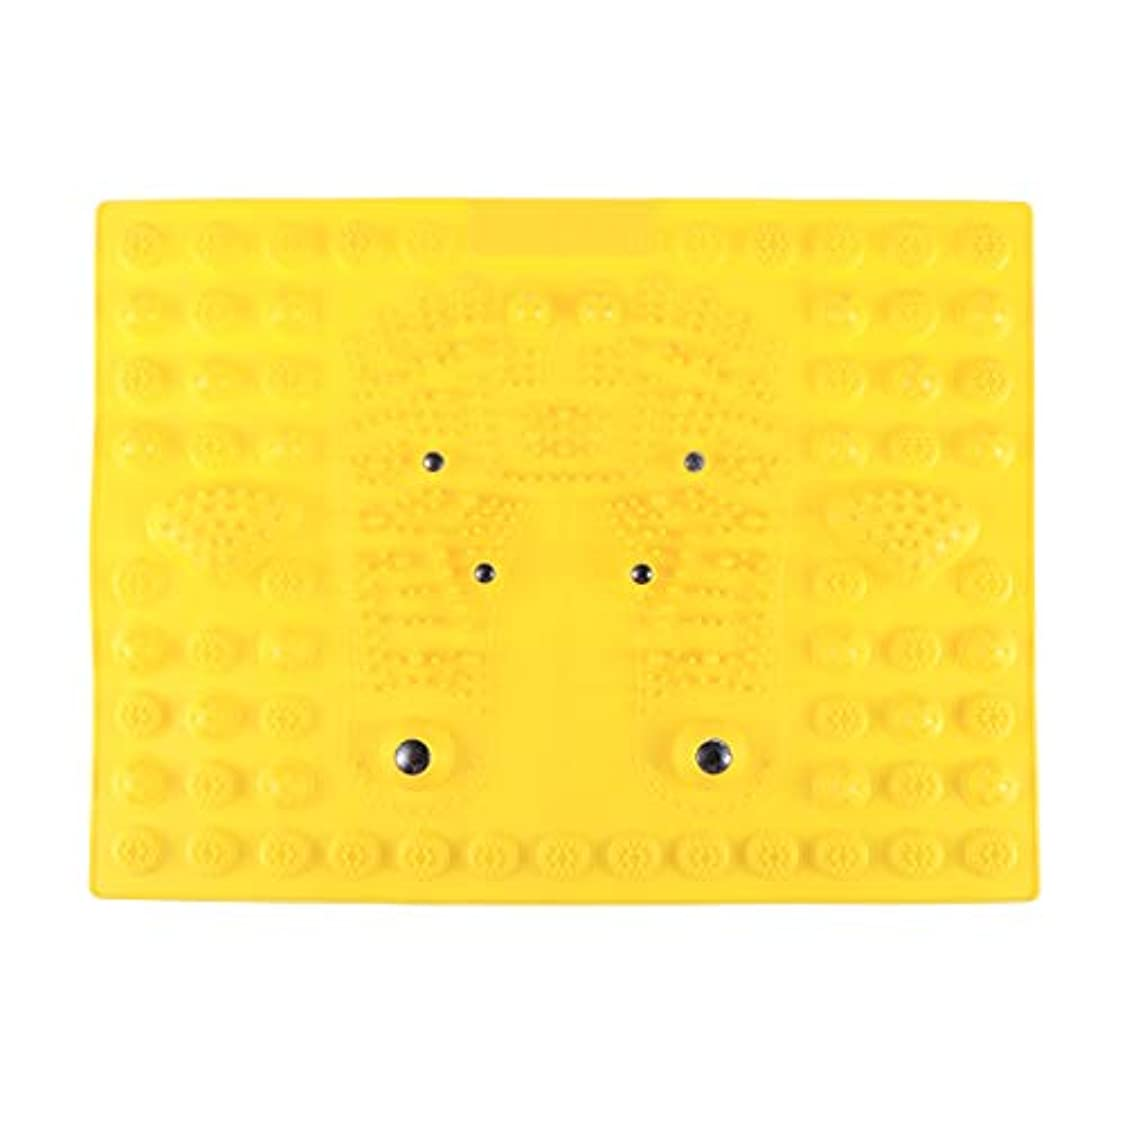 コレクションロッド他にSUPVOX フットマッサージマット指圧リラクゼーションリフレクソロジーマット磁気療法フィートマット(イエロー)